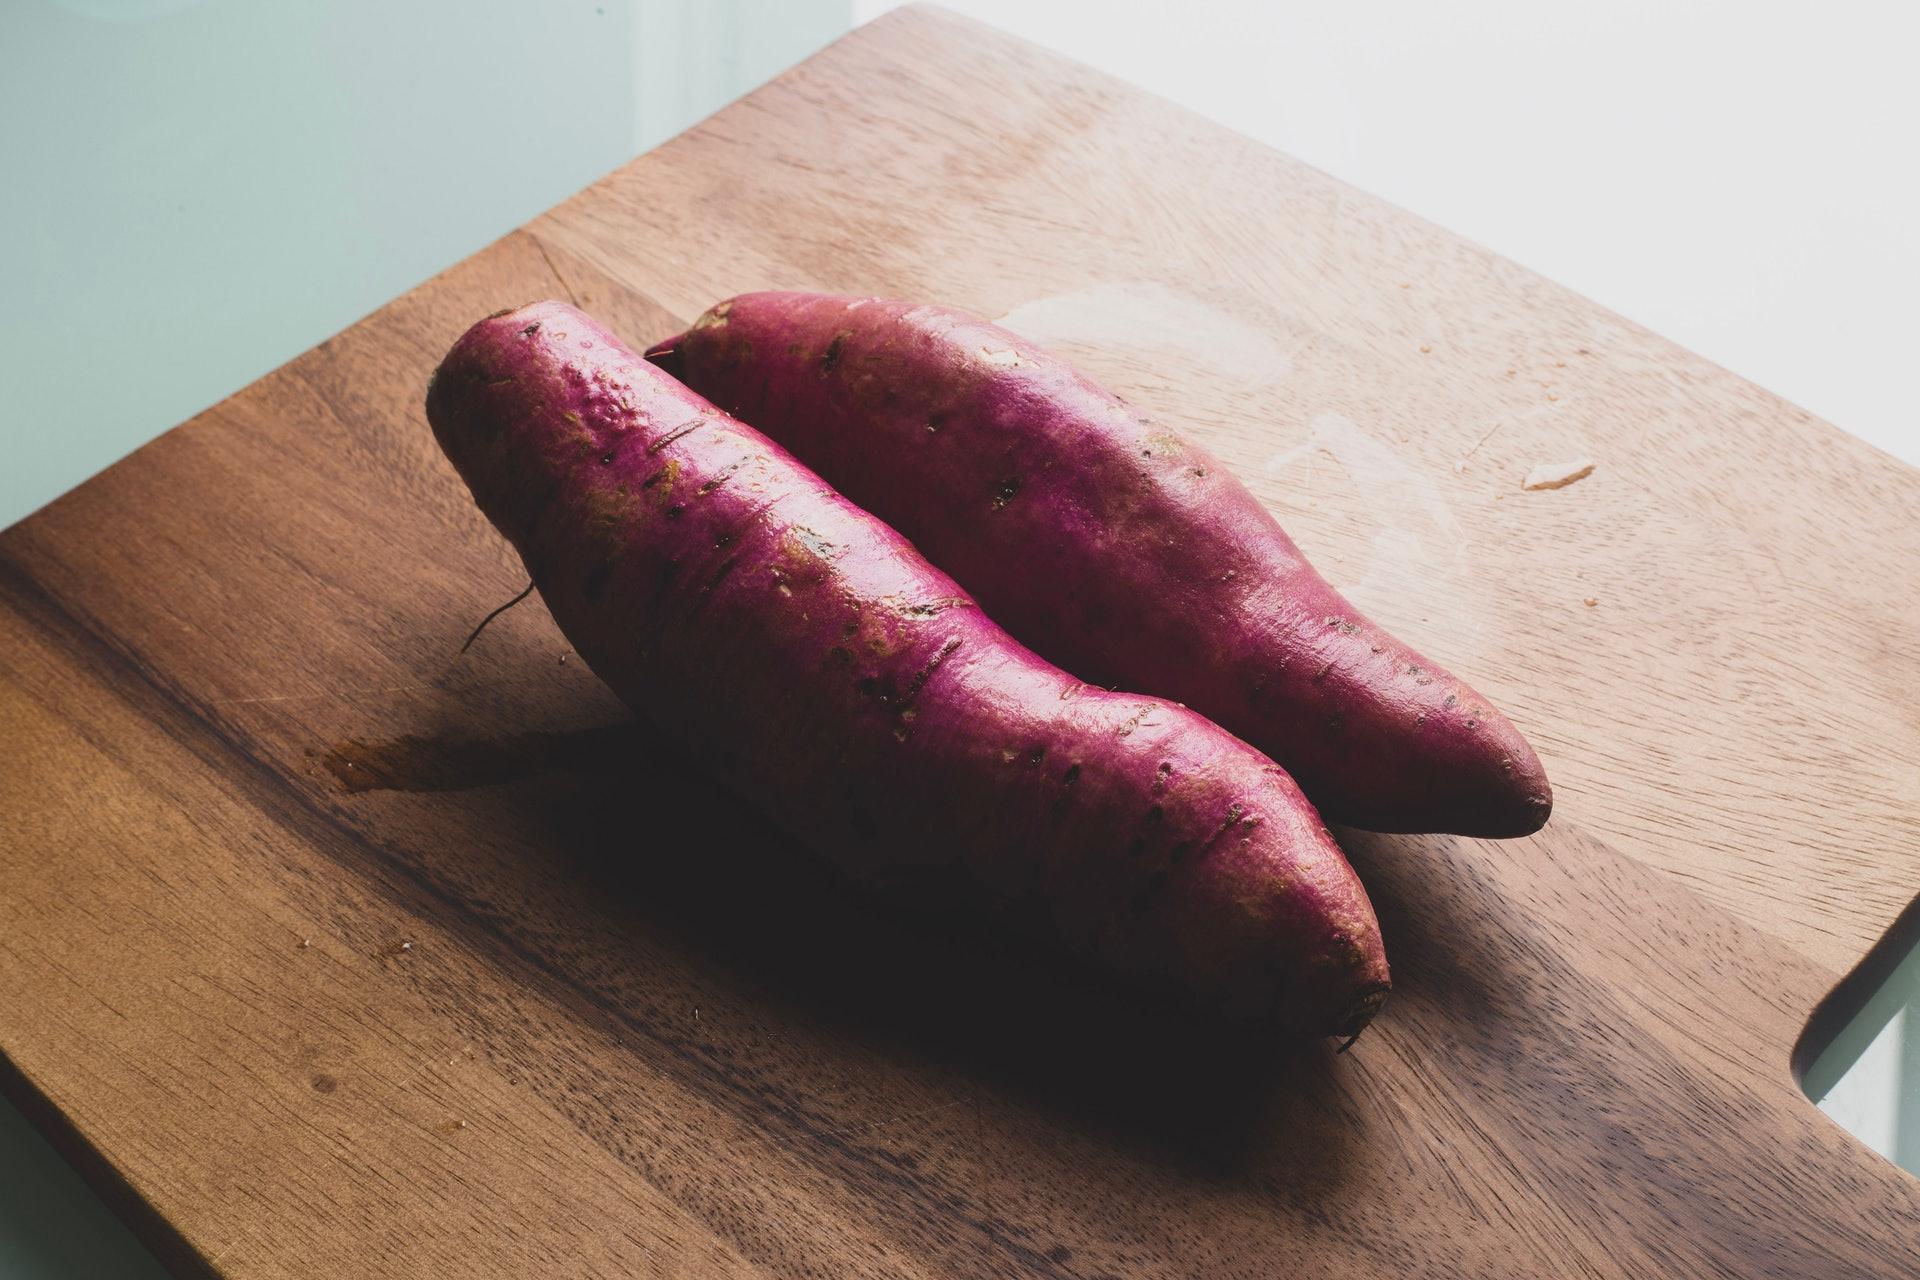 脾胃在早餐時吸收力最佳,此時食用番薯能增強其功效和利於人體吸收,令健脾益氣排毒美顏的功效更強。( Louis Hansel /Unsplash)